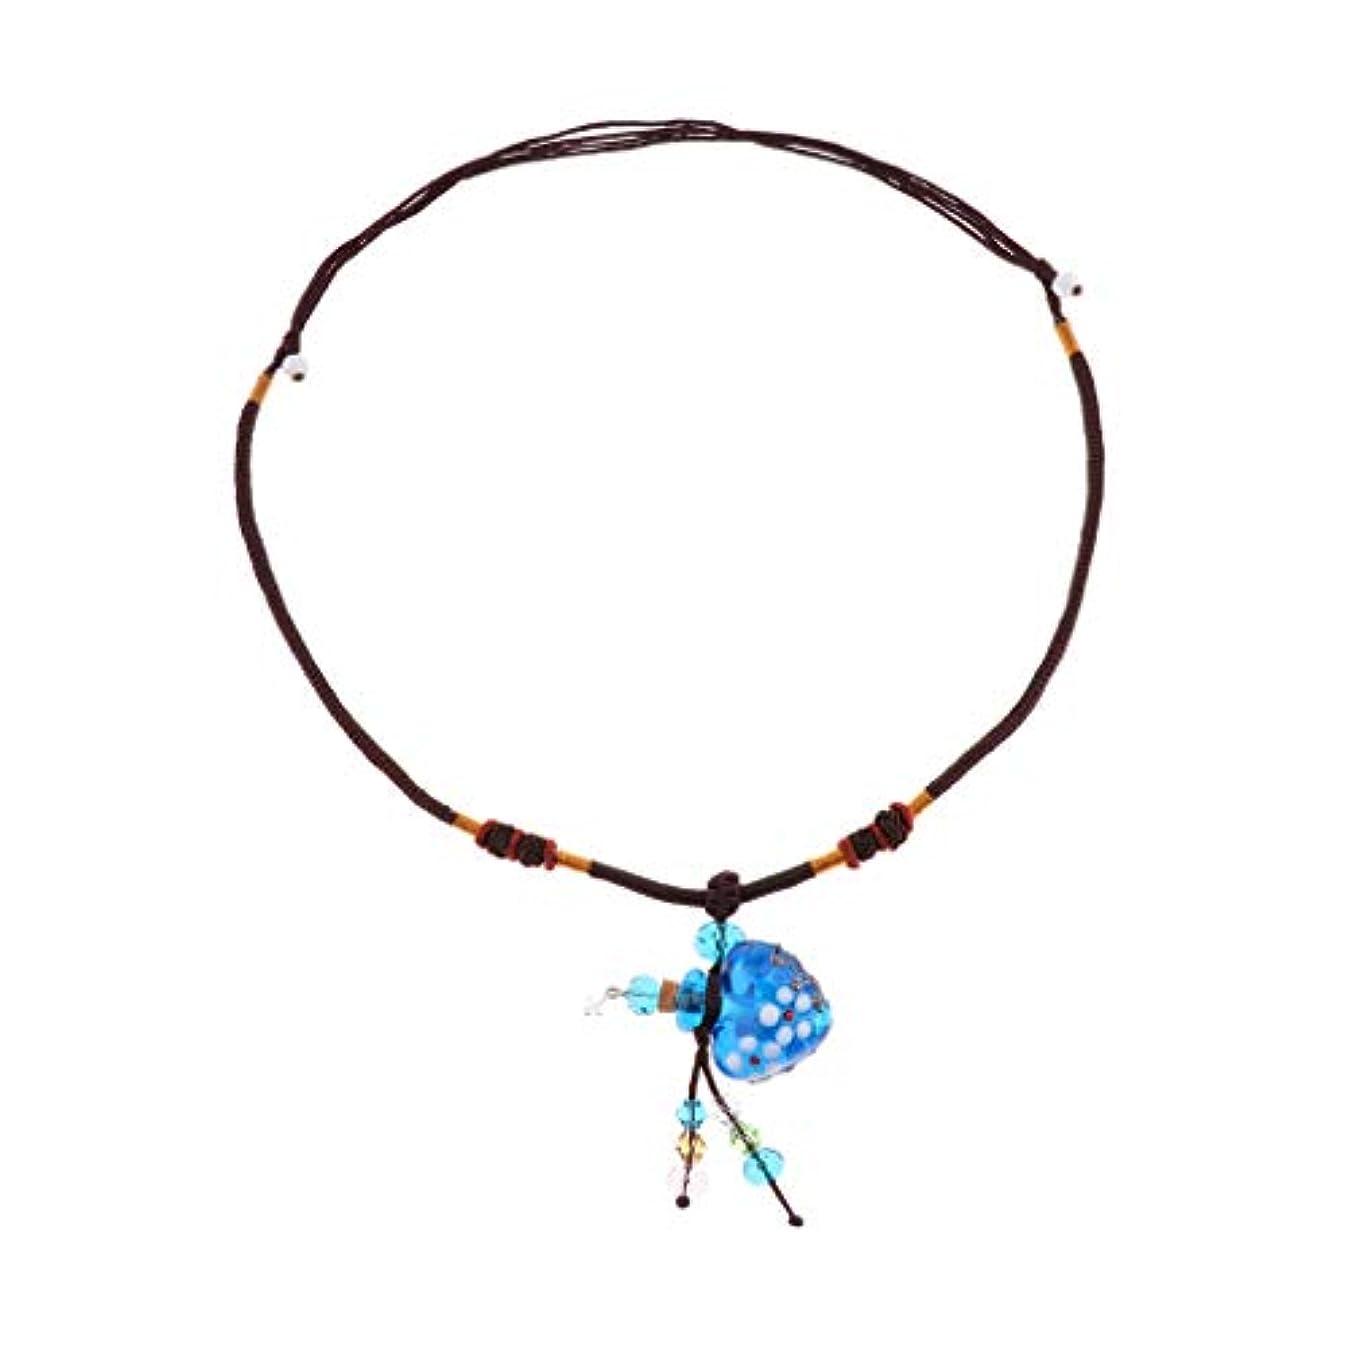 パトロール王位正しくPerfeclan ガラス香水瓶 ペンダント ネックレス オイルディフューザー バイアル 3色選べ - 青